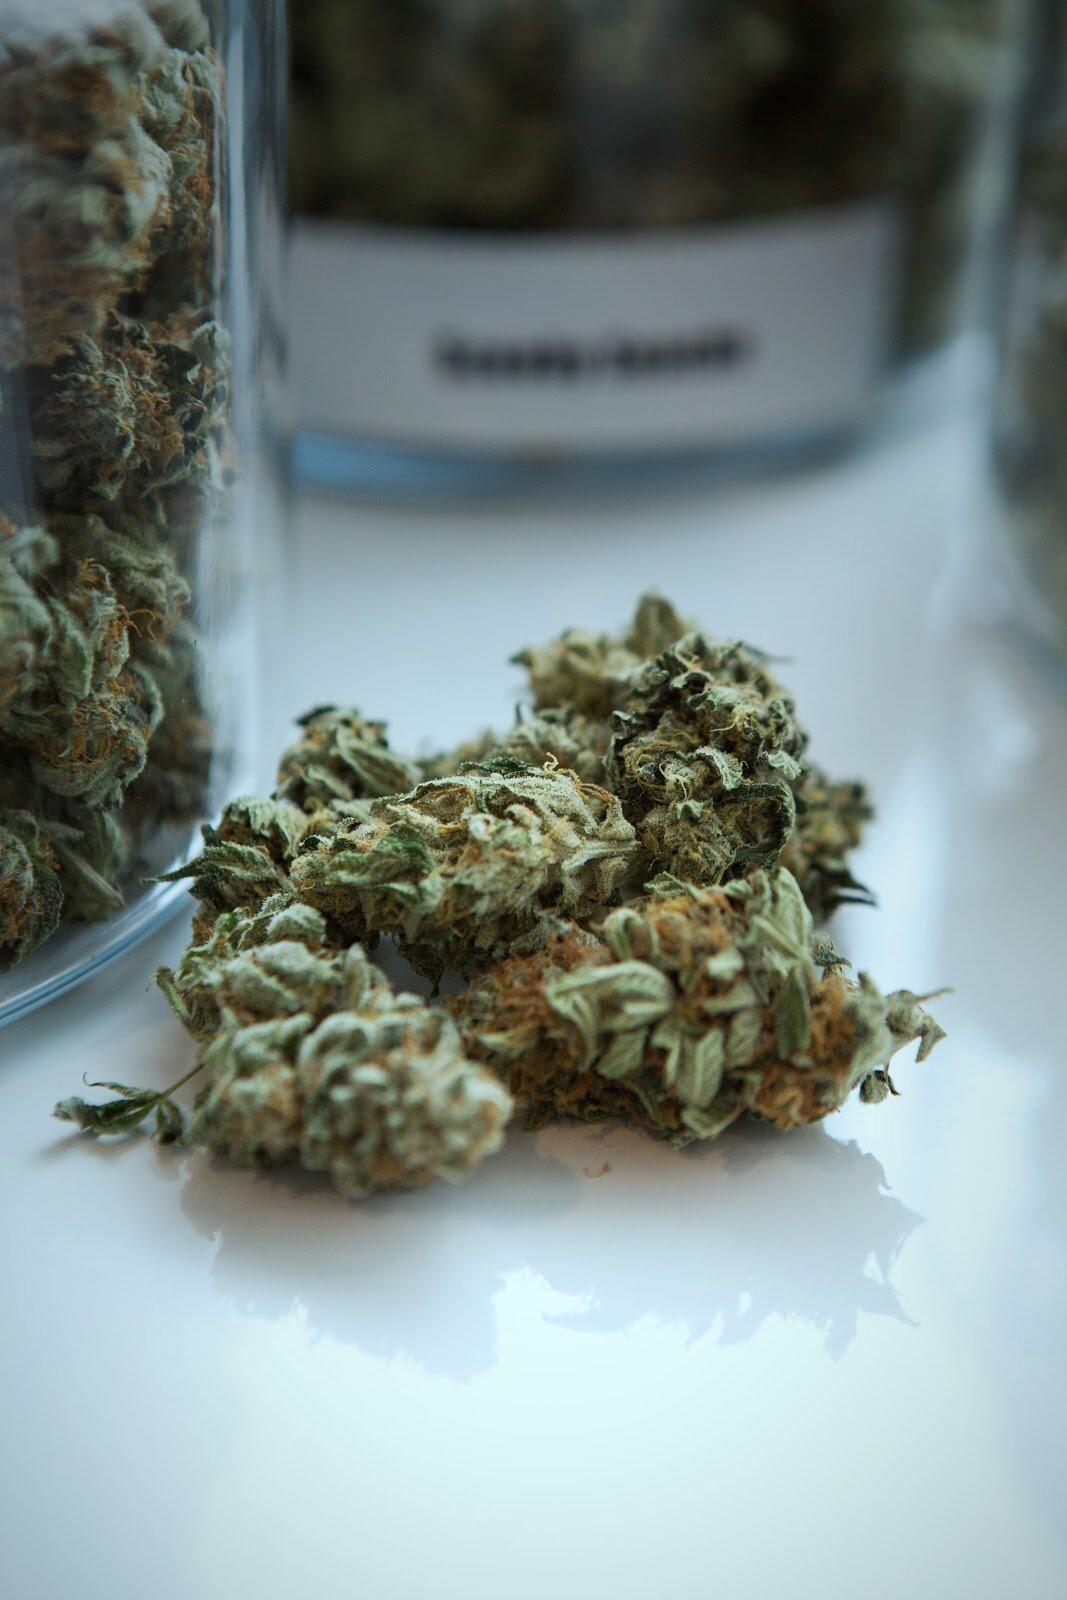 Federal Legislation for Cannabis